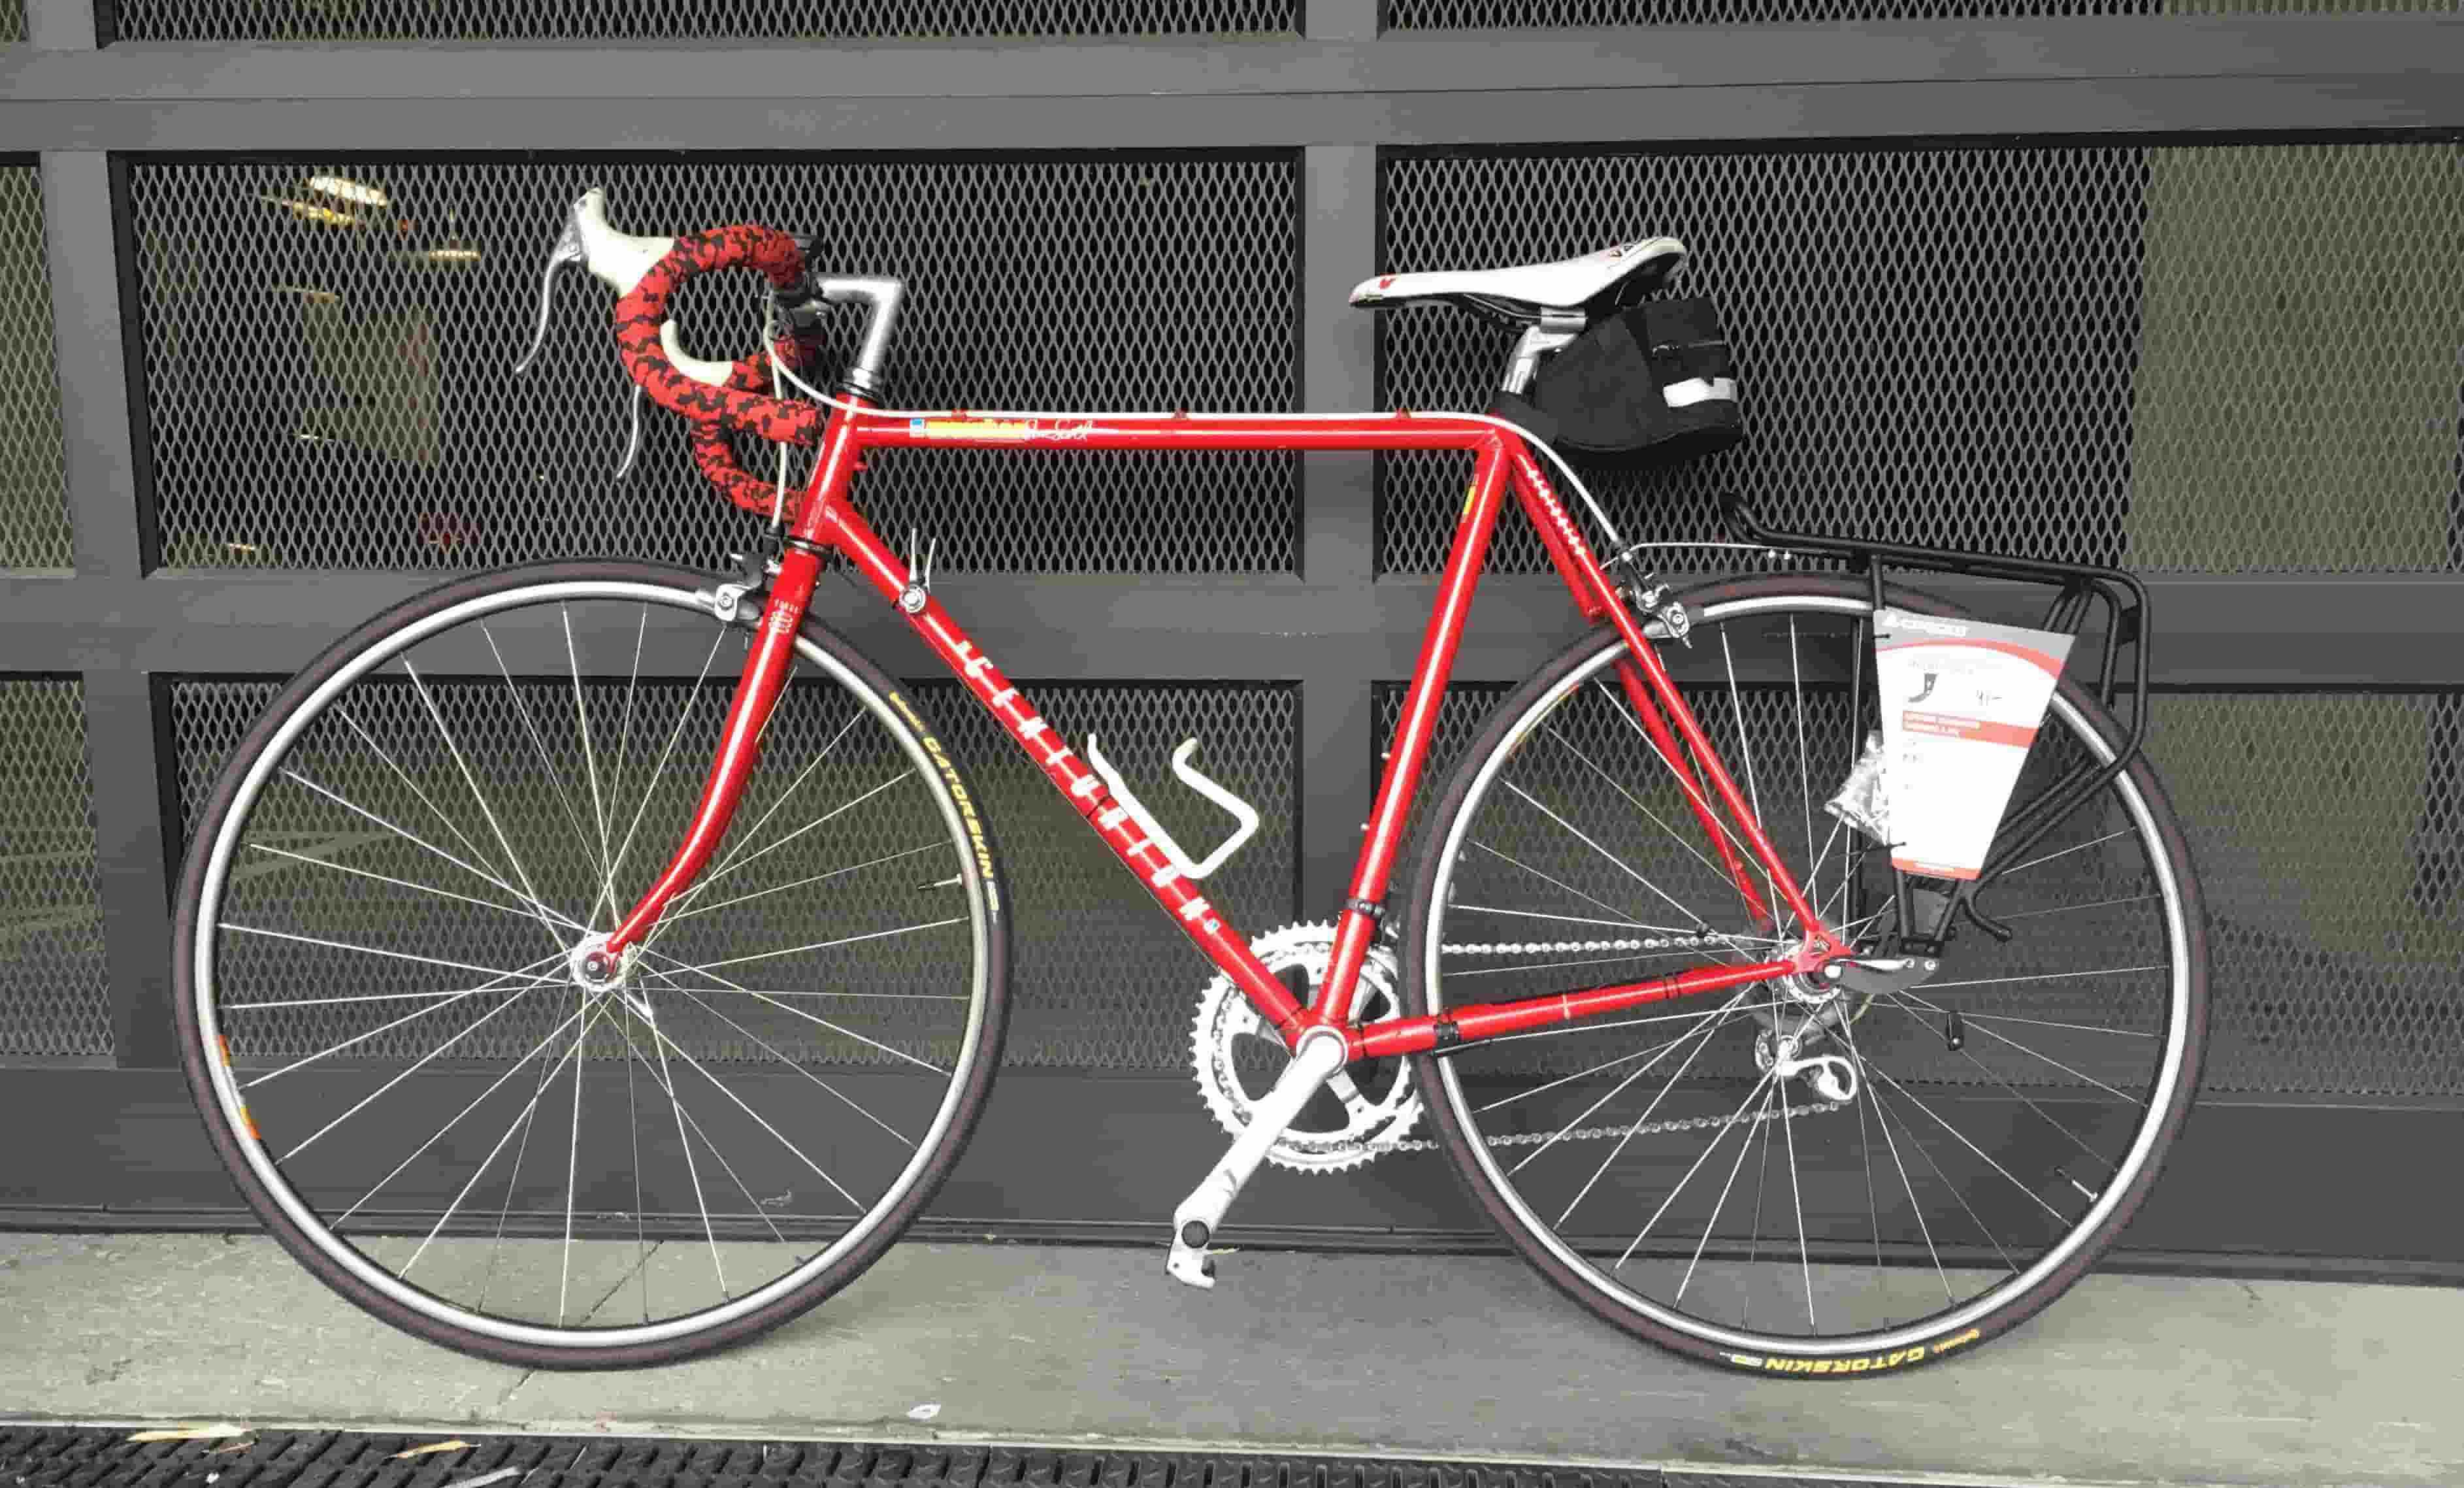 Daniel_Cecil_Bike.jpg